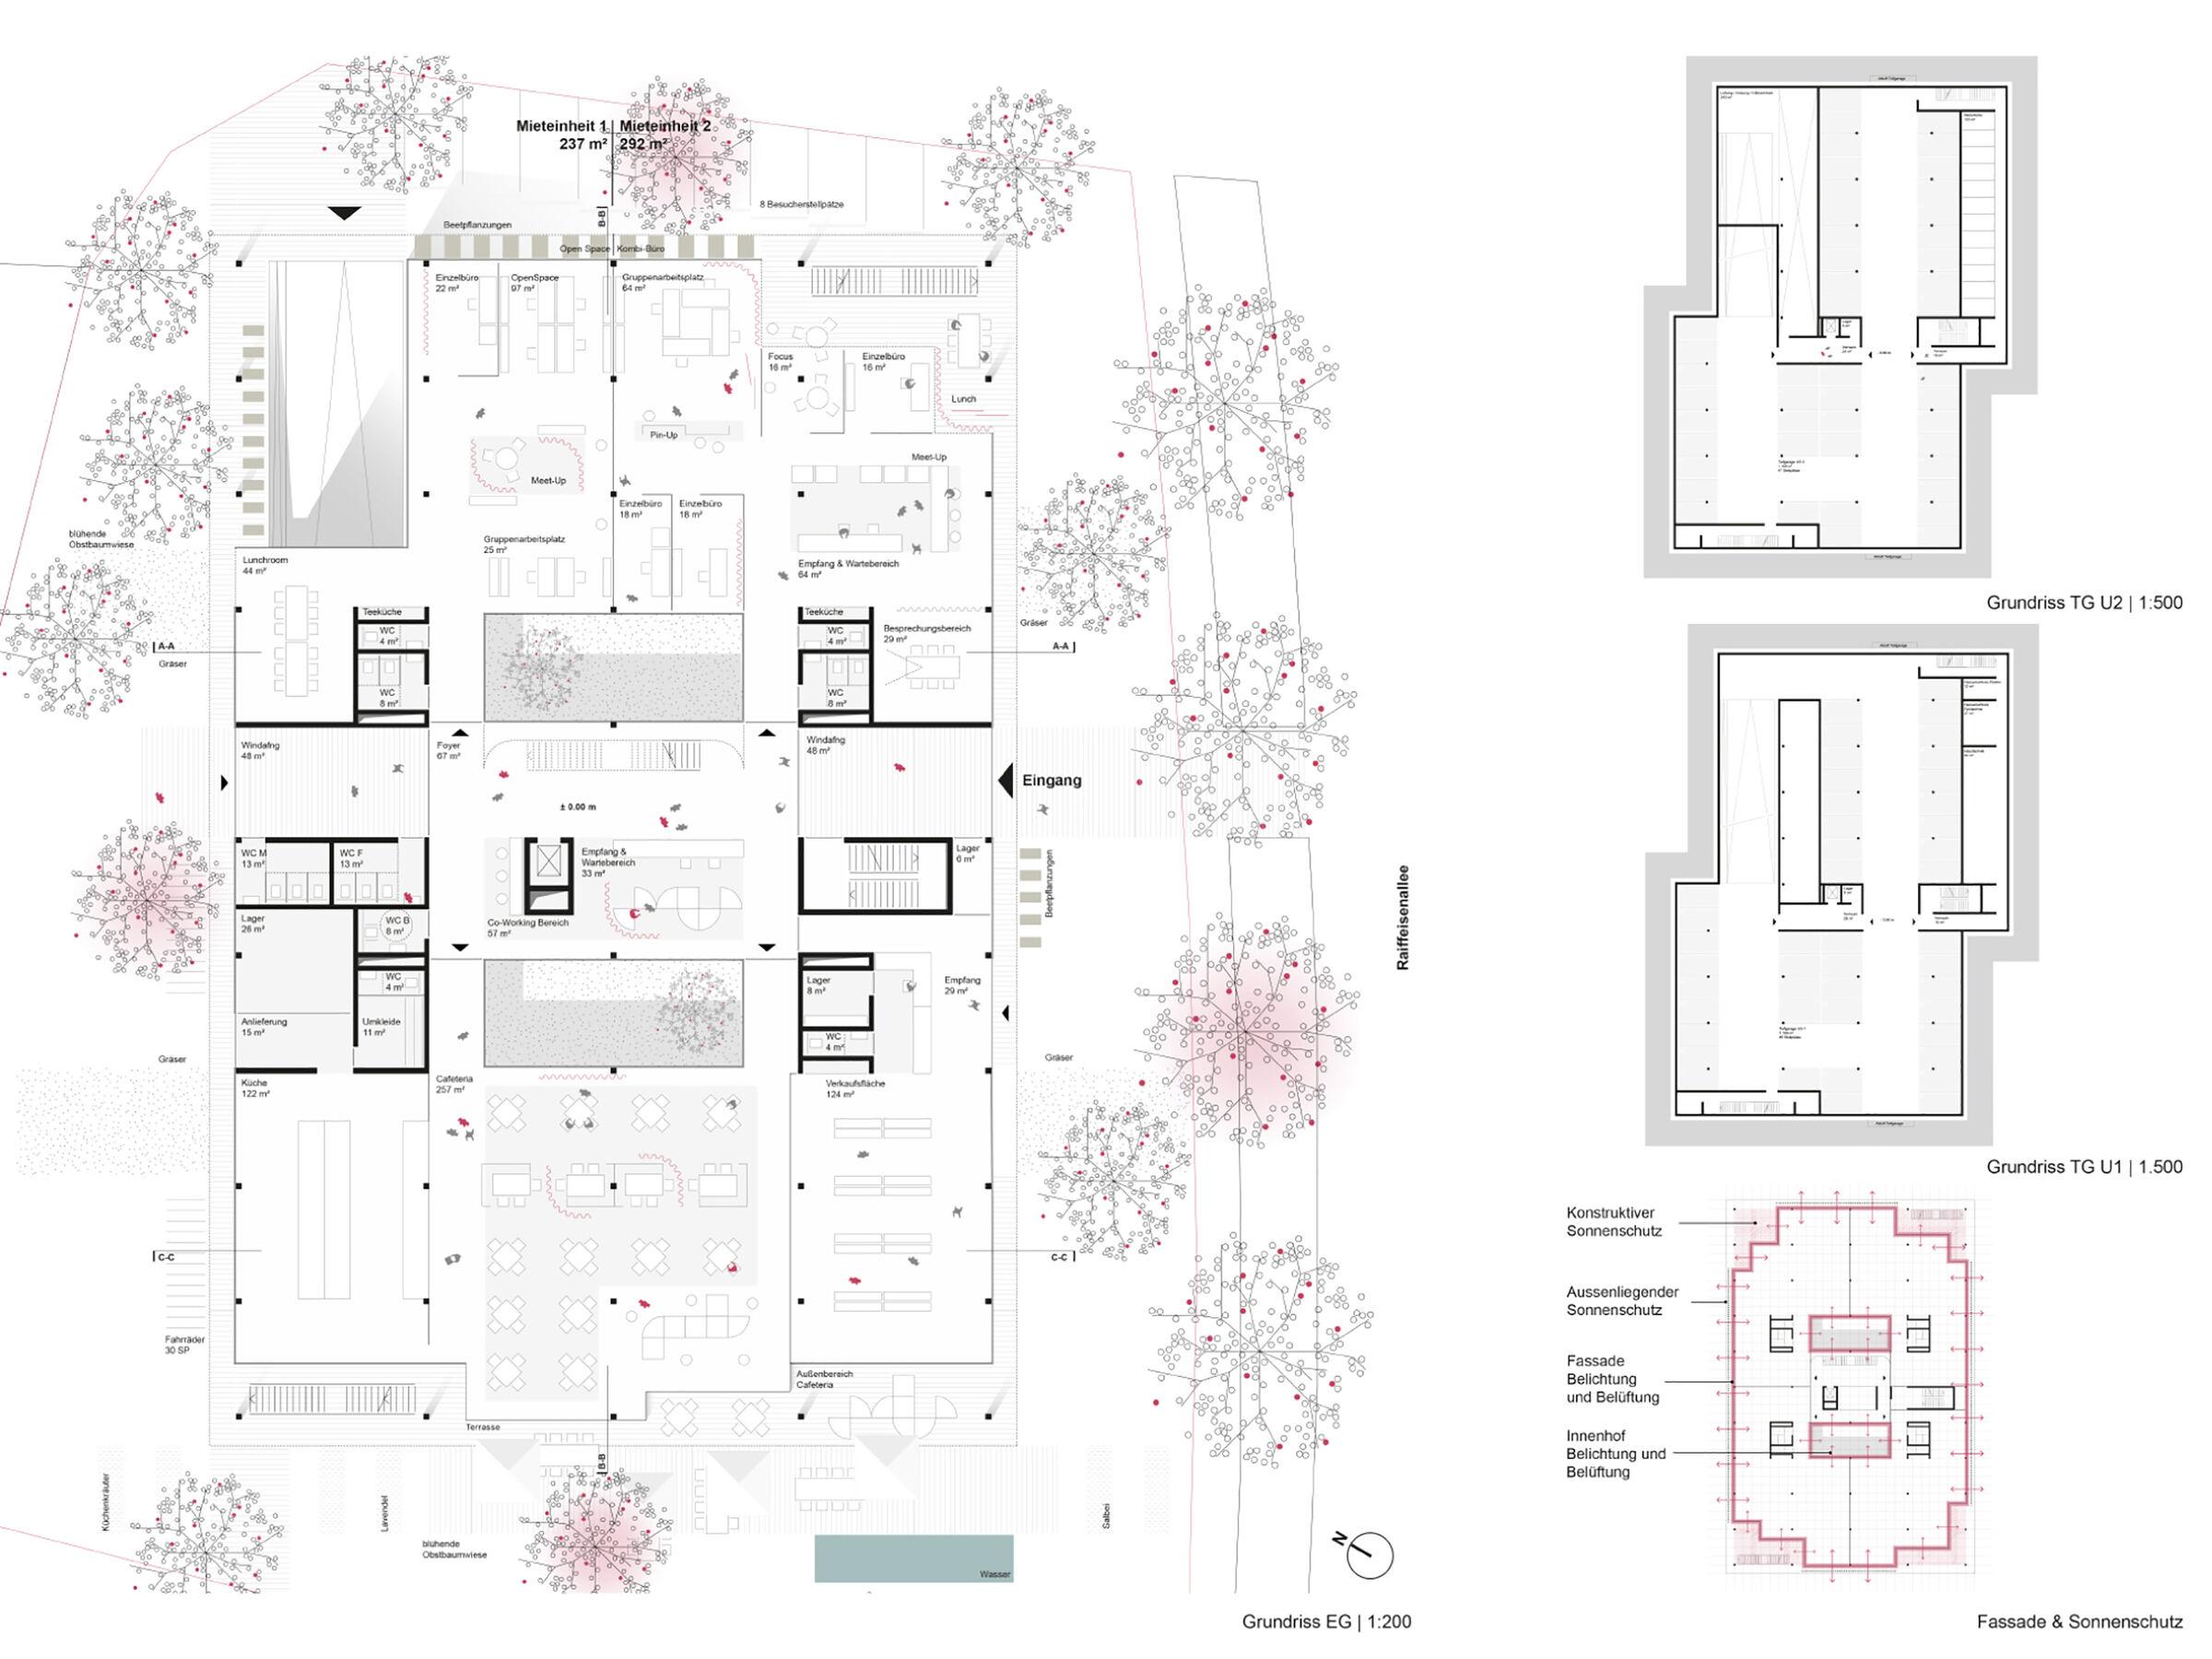 OPES Works Floorplans